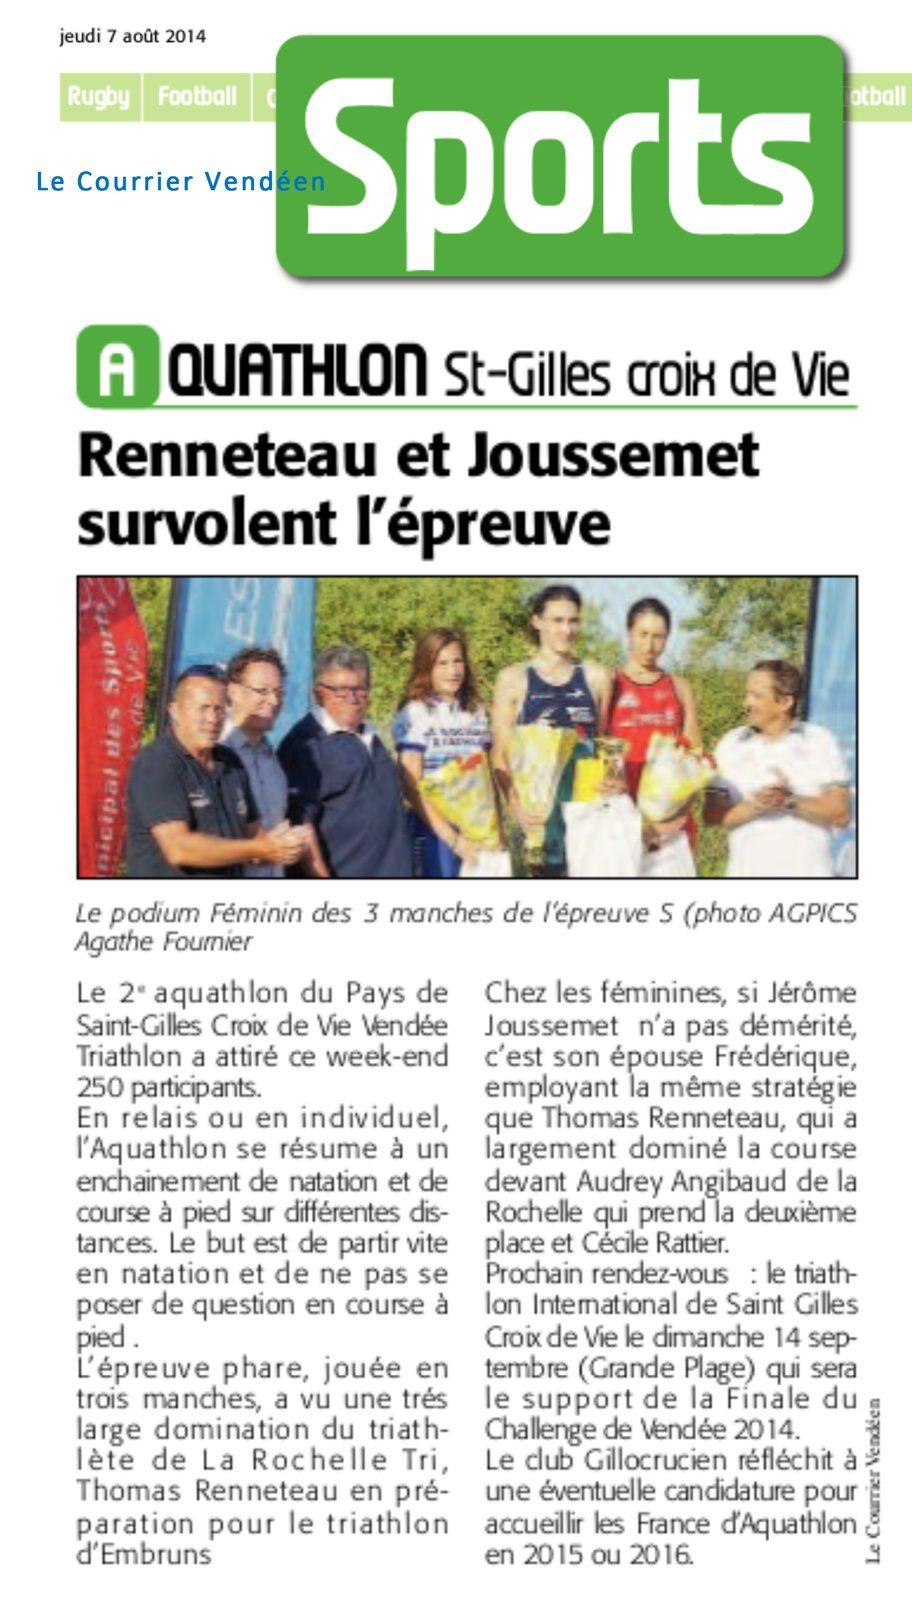 Aquathlon Courrier Vendéen 7 aout 2014